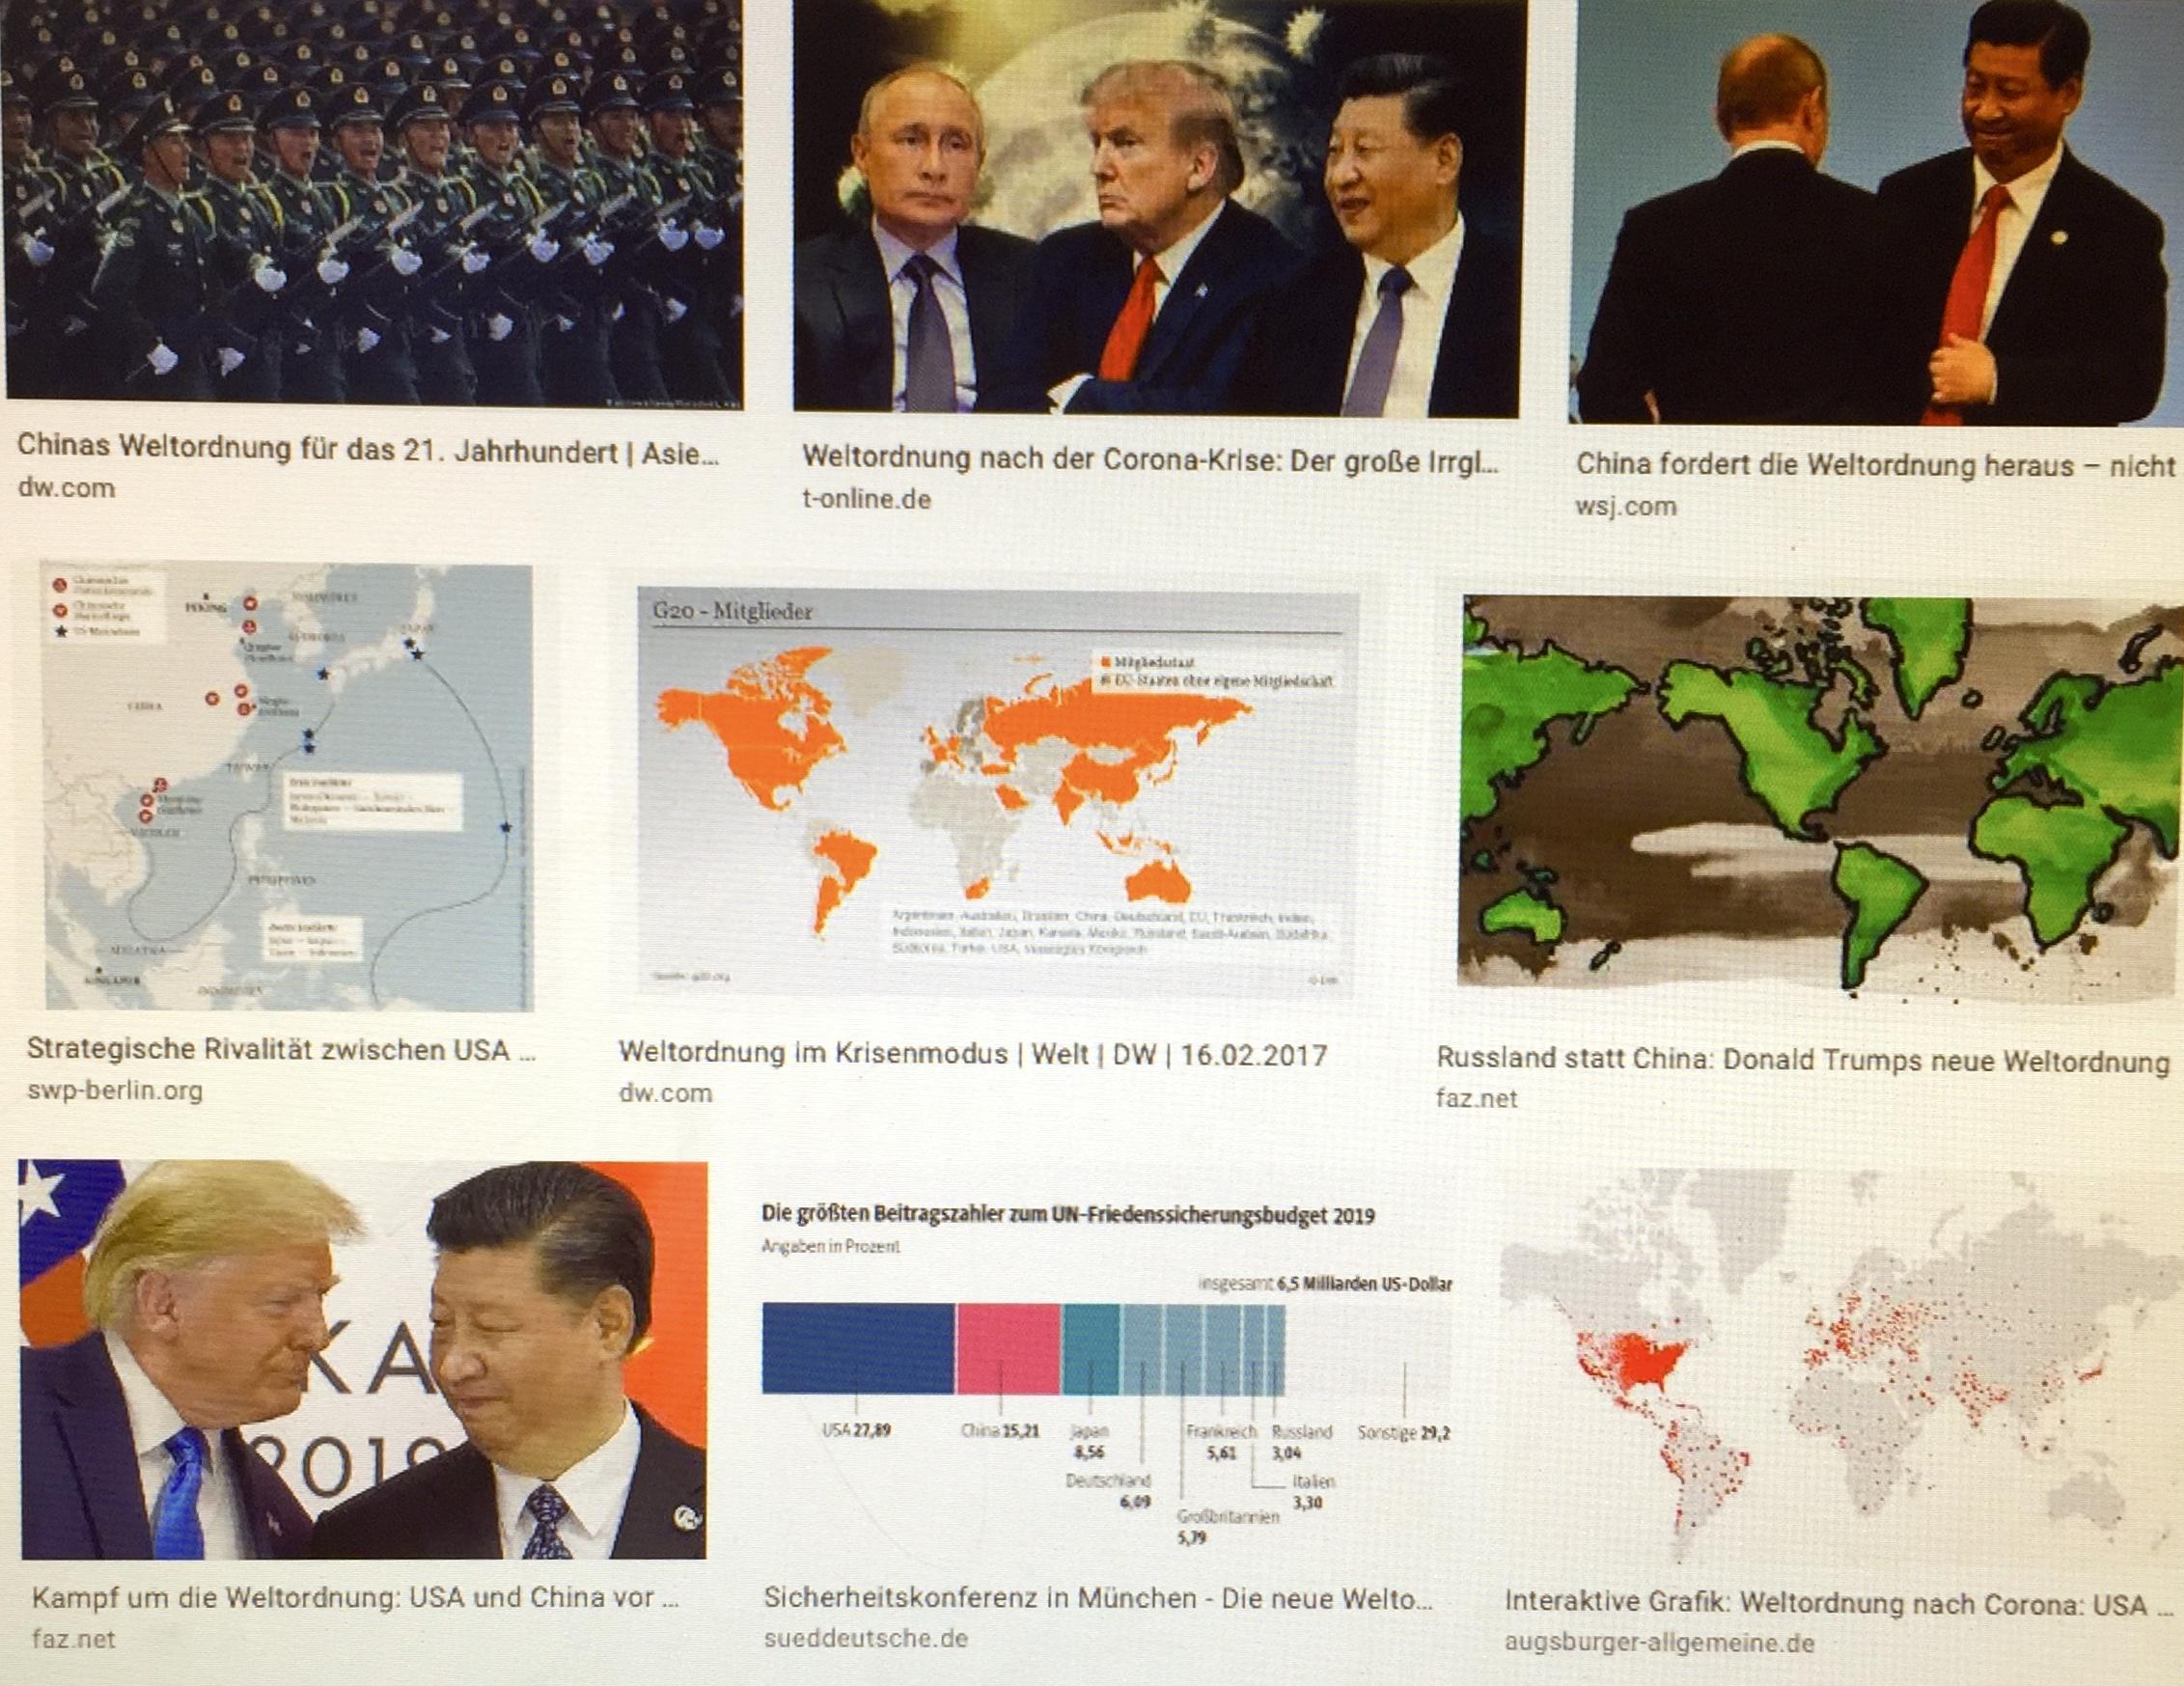 """""""Der dritte Weg: Der Traum von einer Vereinigung von Kapitalismus und Kommunismus wird derzeit wahr - allerdings indem man nur das Schlimmste aus beiden Systemen realisiert. Dass das 21. Jahrhundert im Zeichen Chinas stehen würde, wurde bereits in der letzten Dekade vielfach prophezeit. Nun vollzieht sich der Wechsel in der Funktion der führenden Weltmacht unübersehbar vor unser aller Augen. Die westlich geprägte Variante des Kapitalismus weicht dem kommunistischen Modell chinesischer Prägung"""", von Giorgio Agamben via Rubikon.news-Weltredaktion, www.progression.at"""